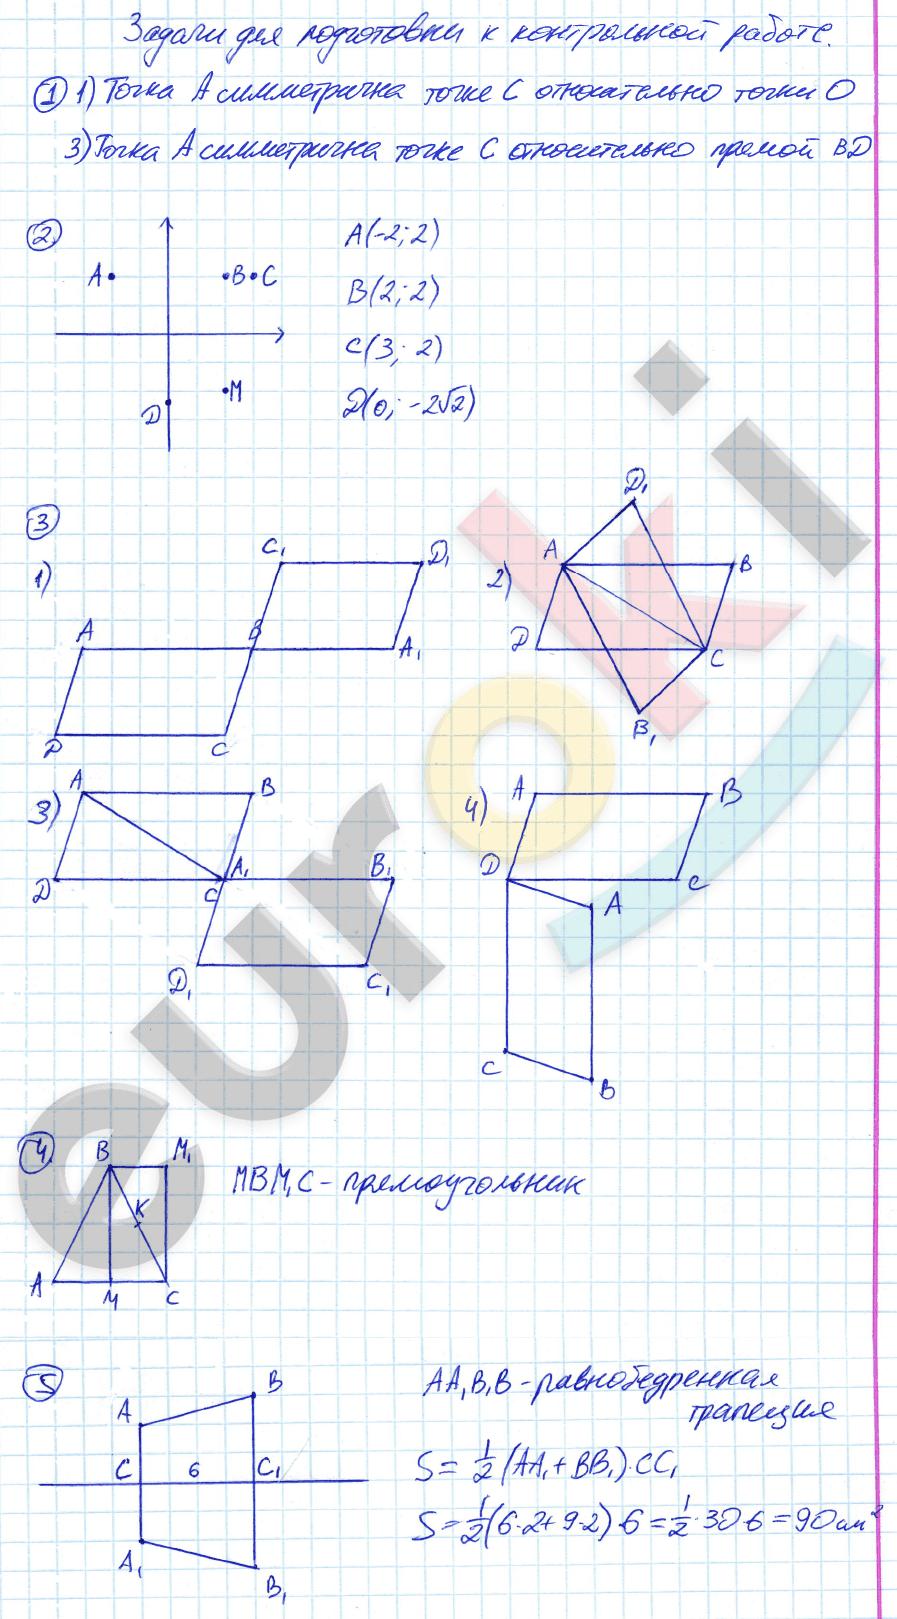 ГДЗ по геометрии 9 класс контрольные работы Мельникова КР-4. Движения. Задание: Задачи для подготовки к контрольной работе